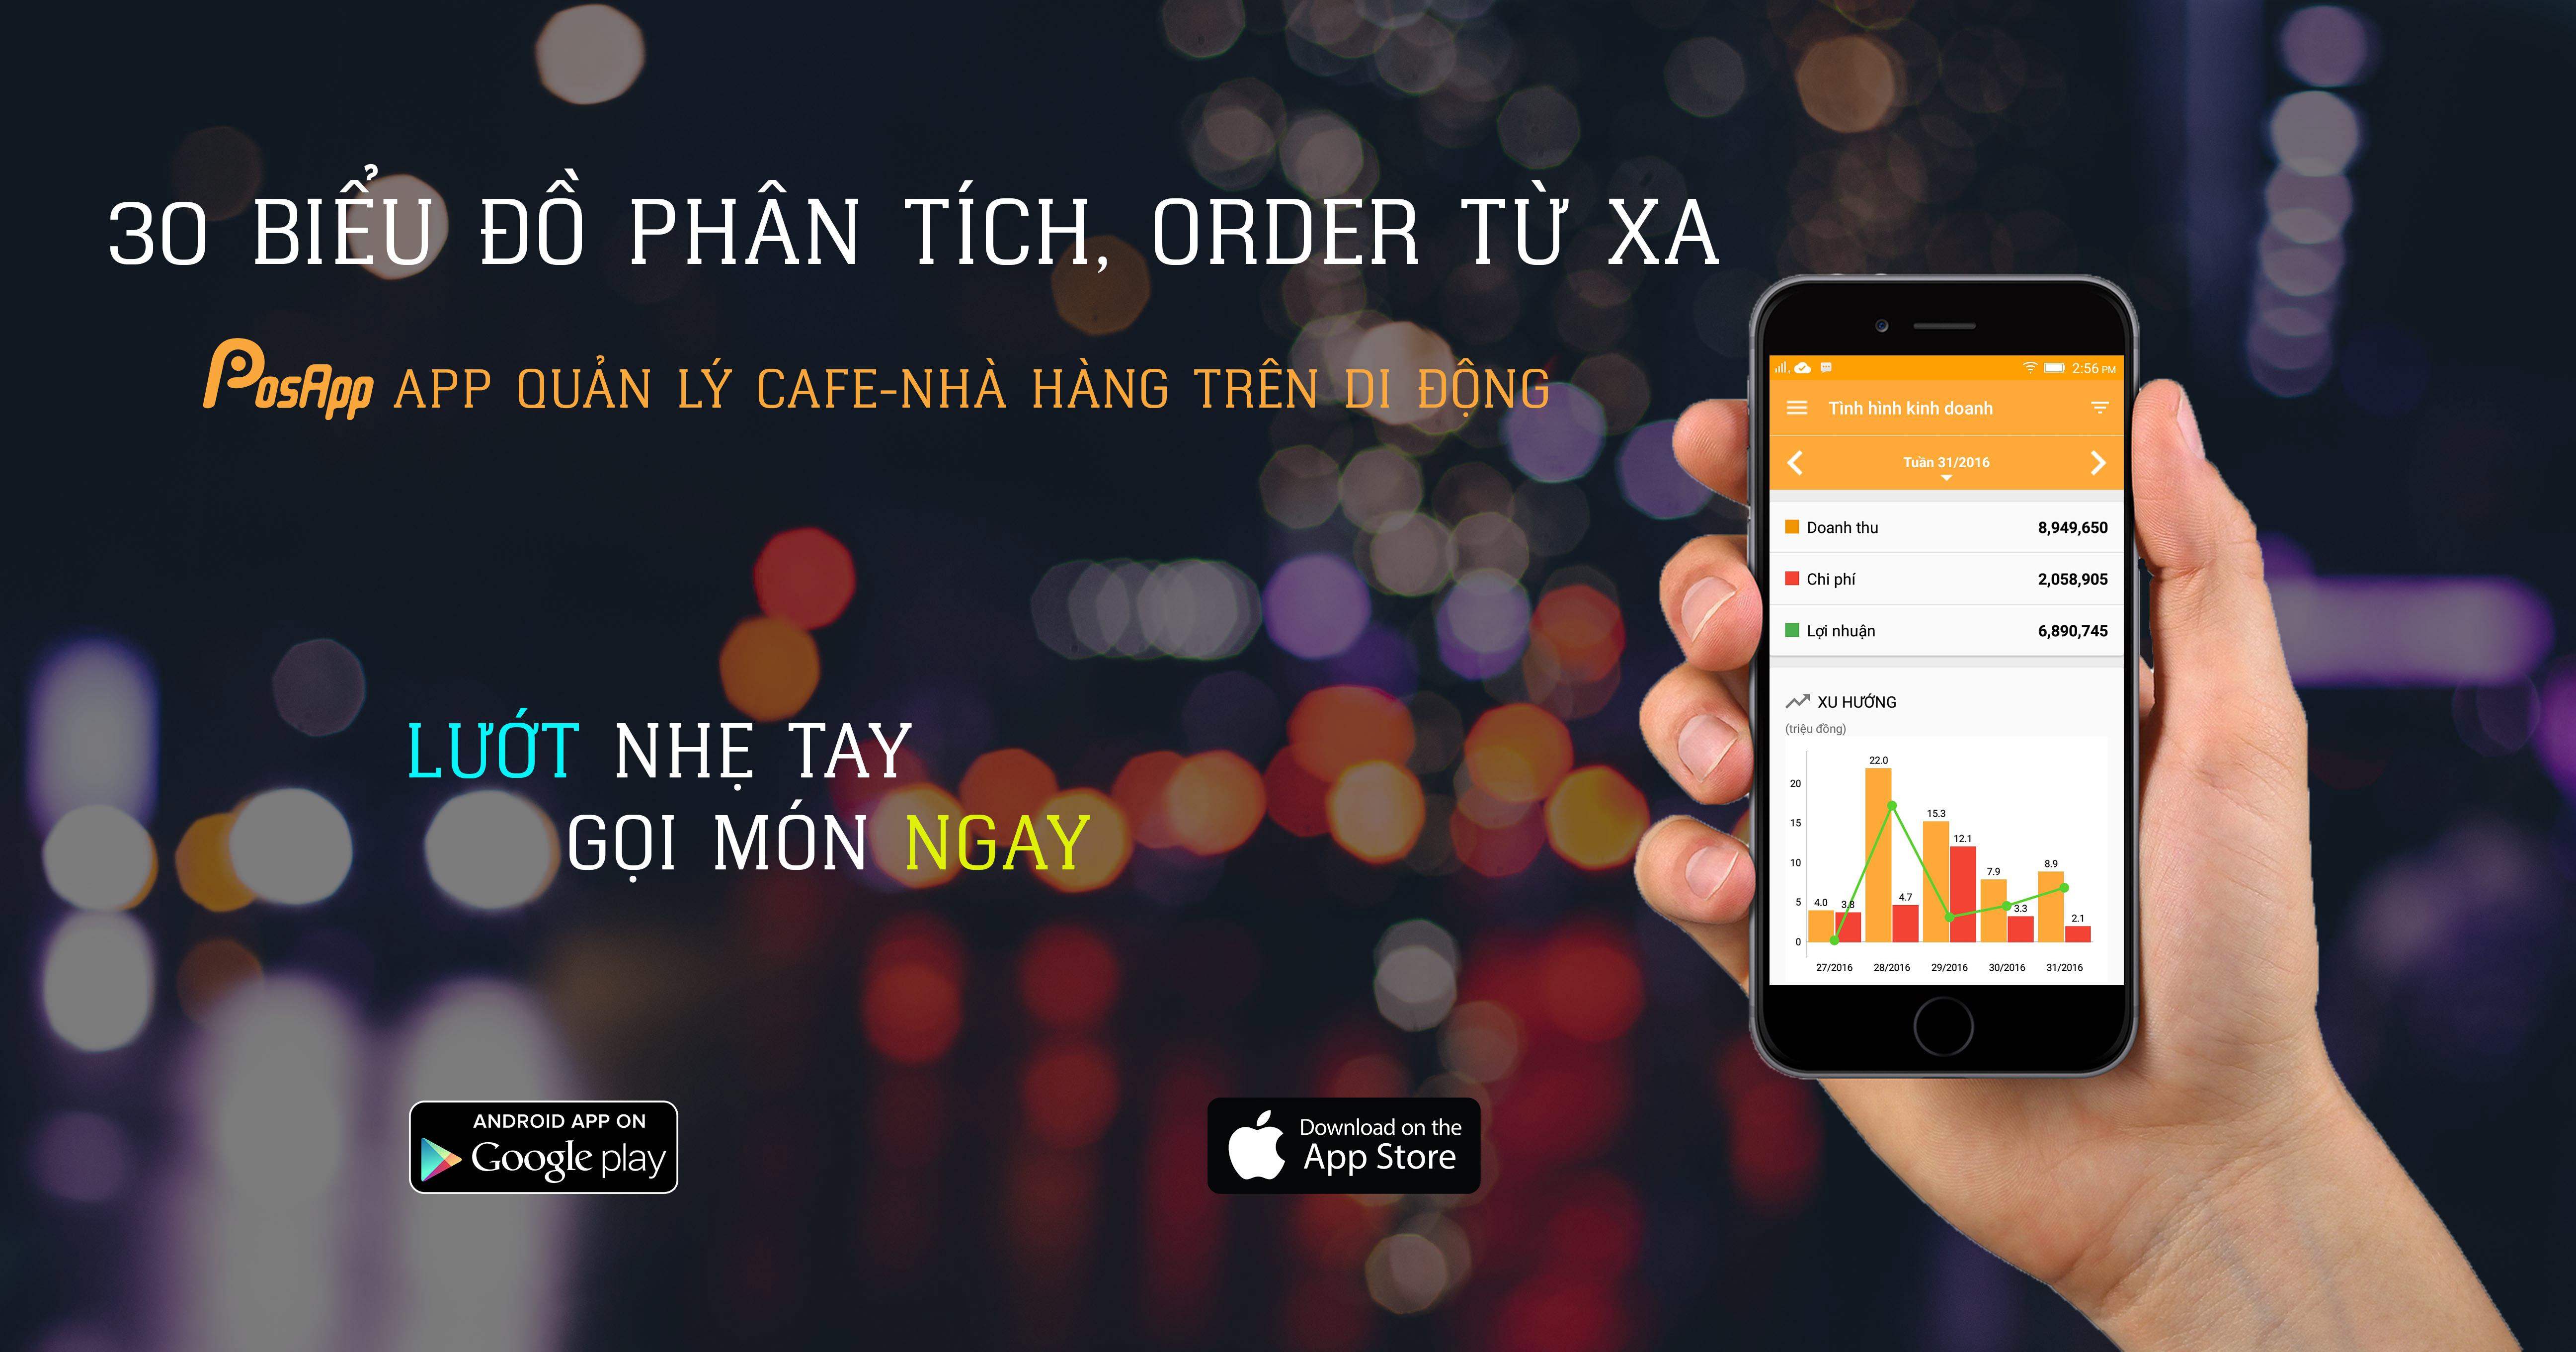 ứng dụng quản lý quán cafe trên điện thoại Android